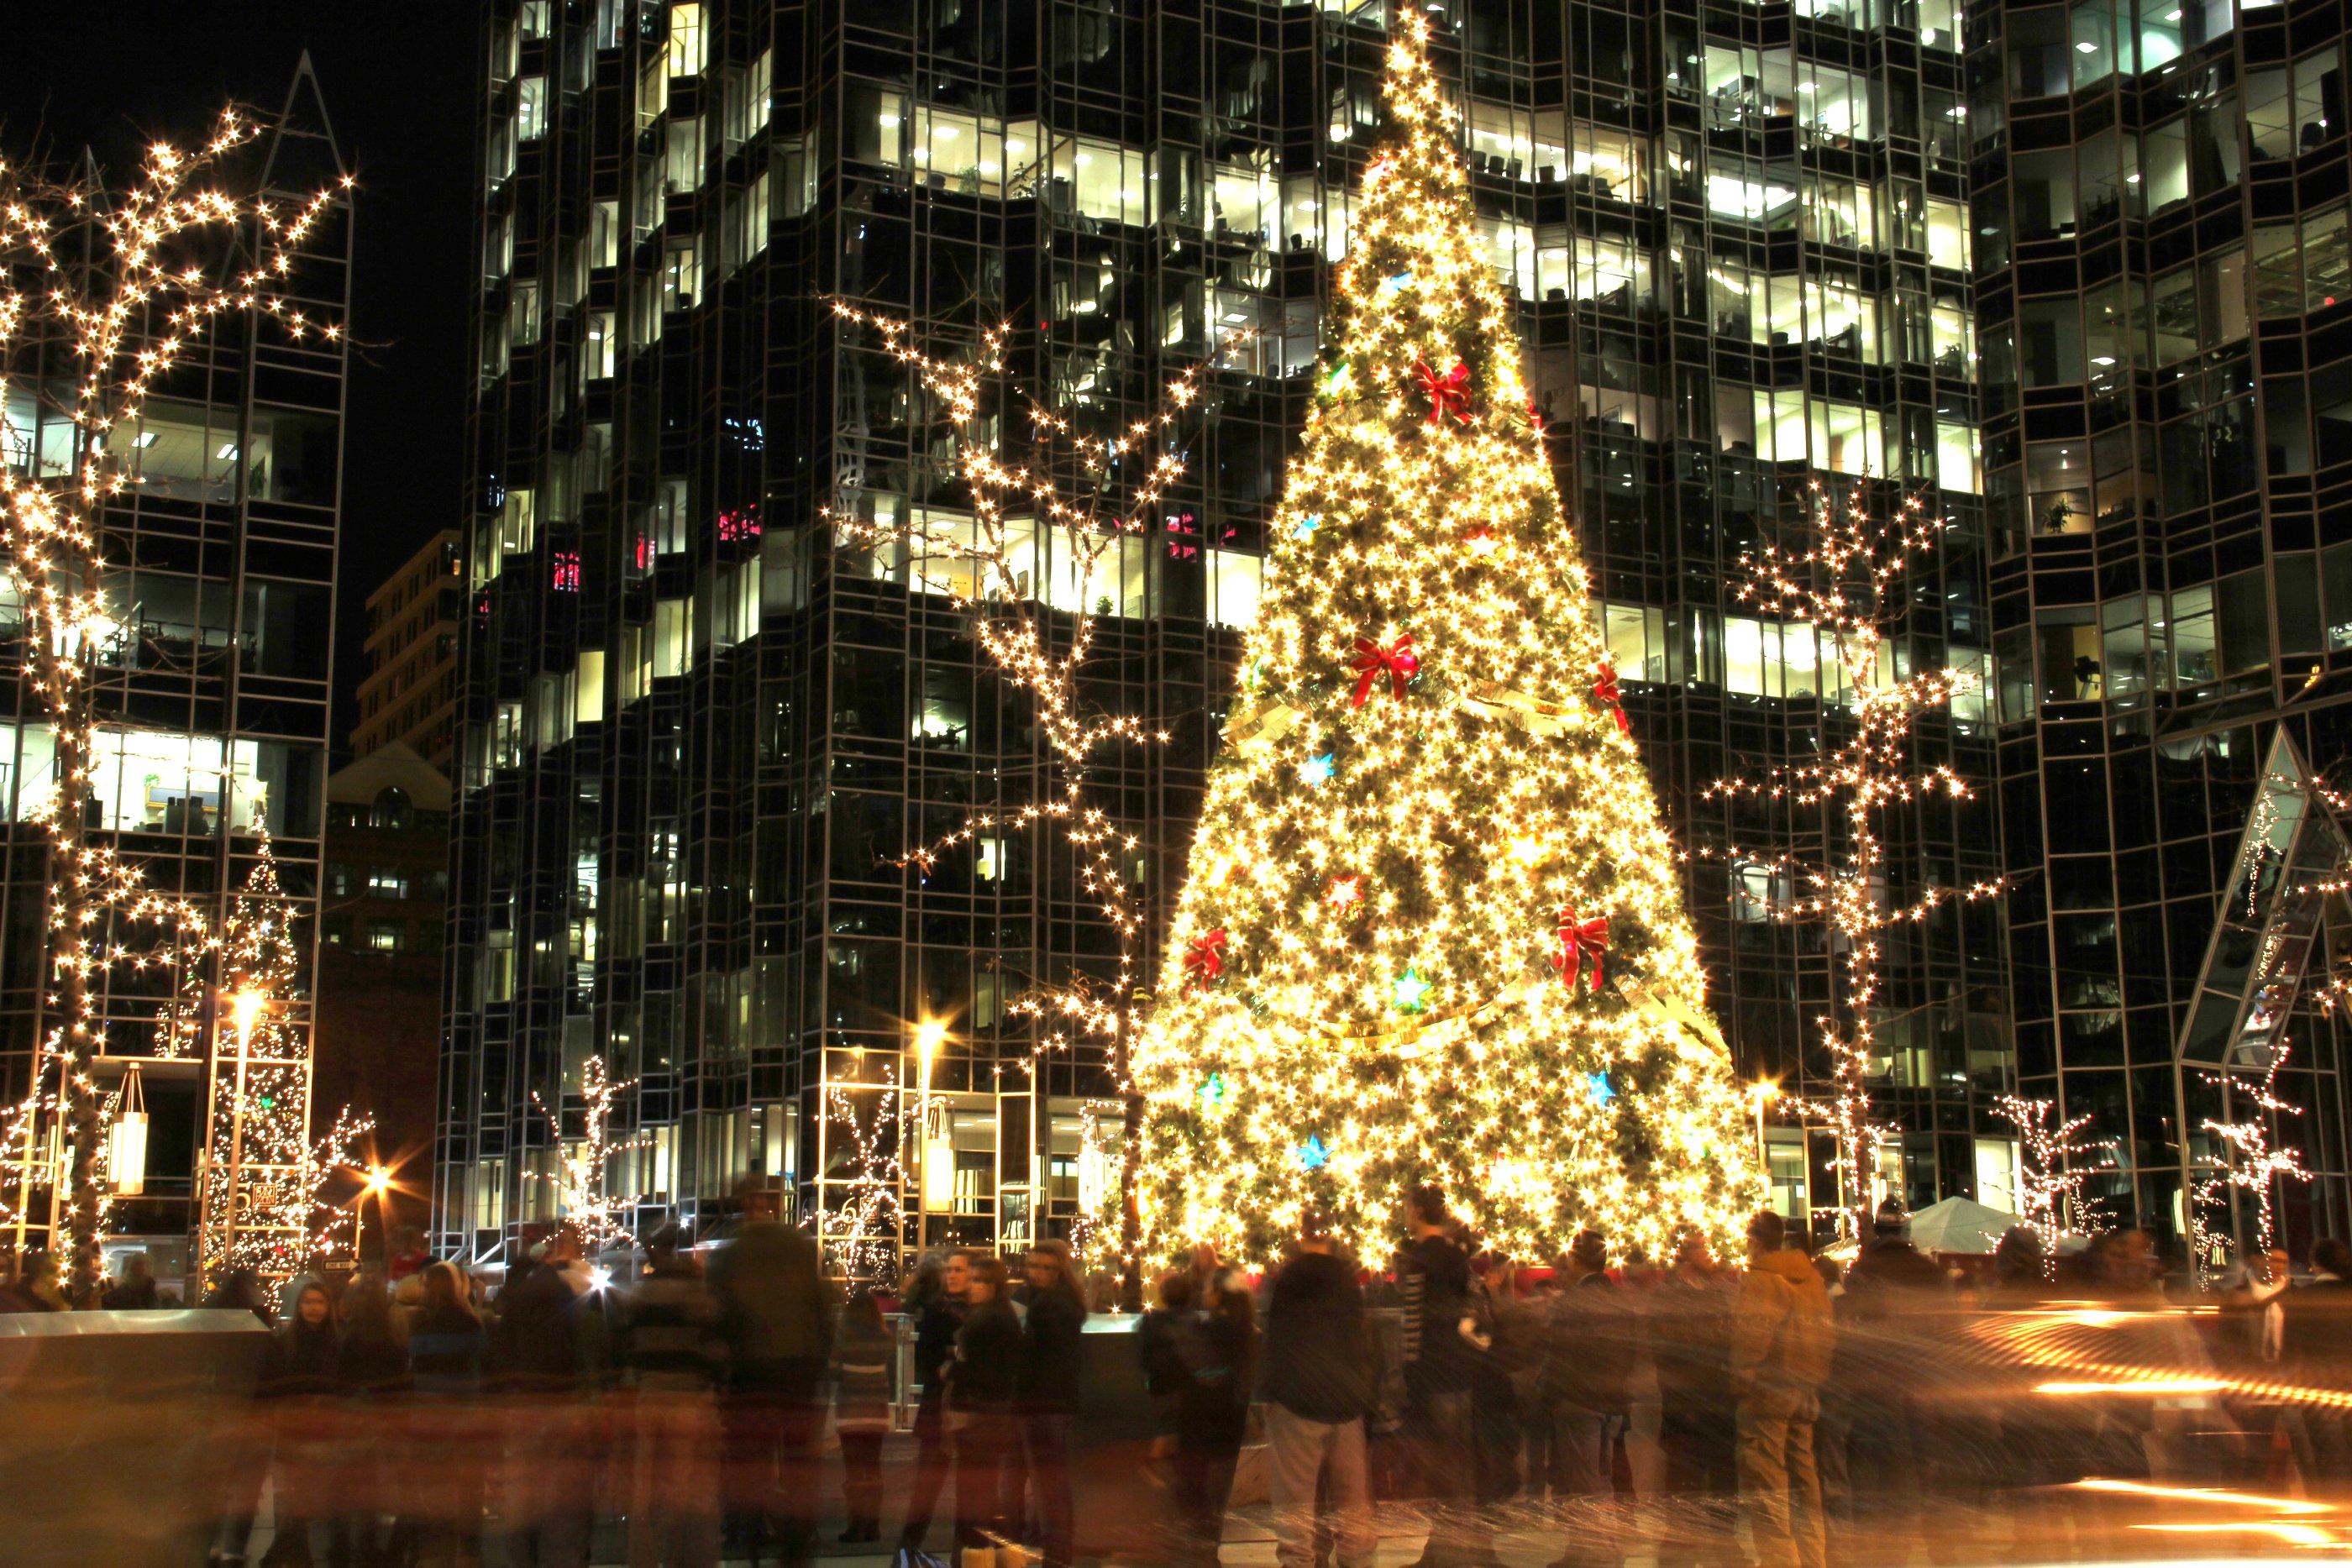 Christmas Tree With Big Lights